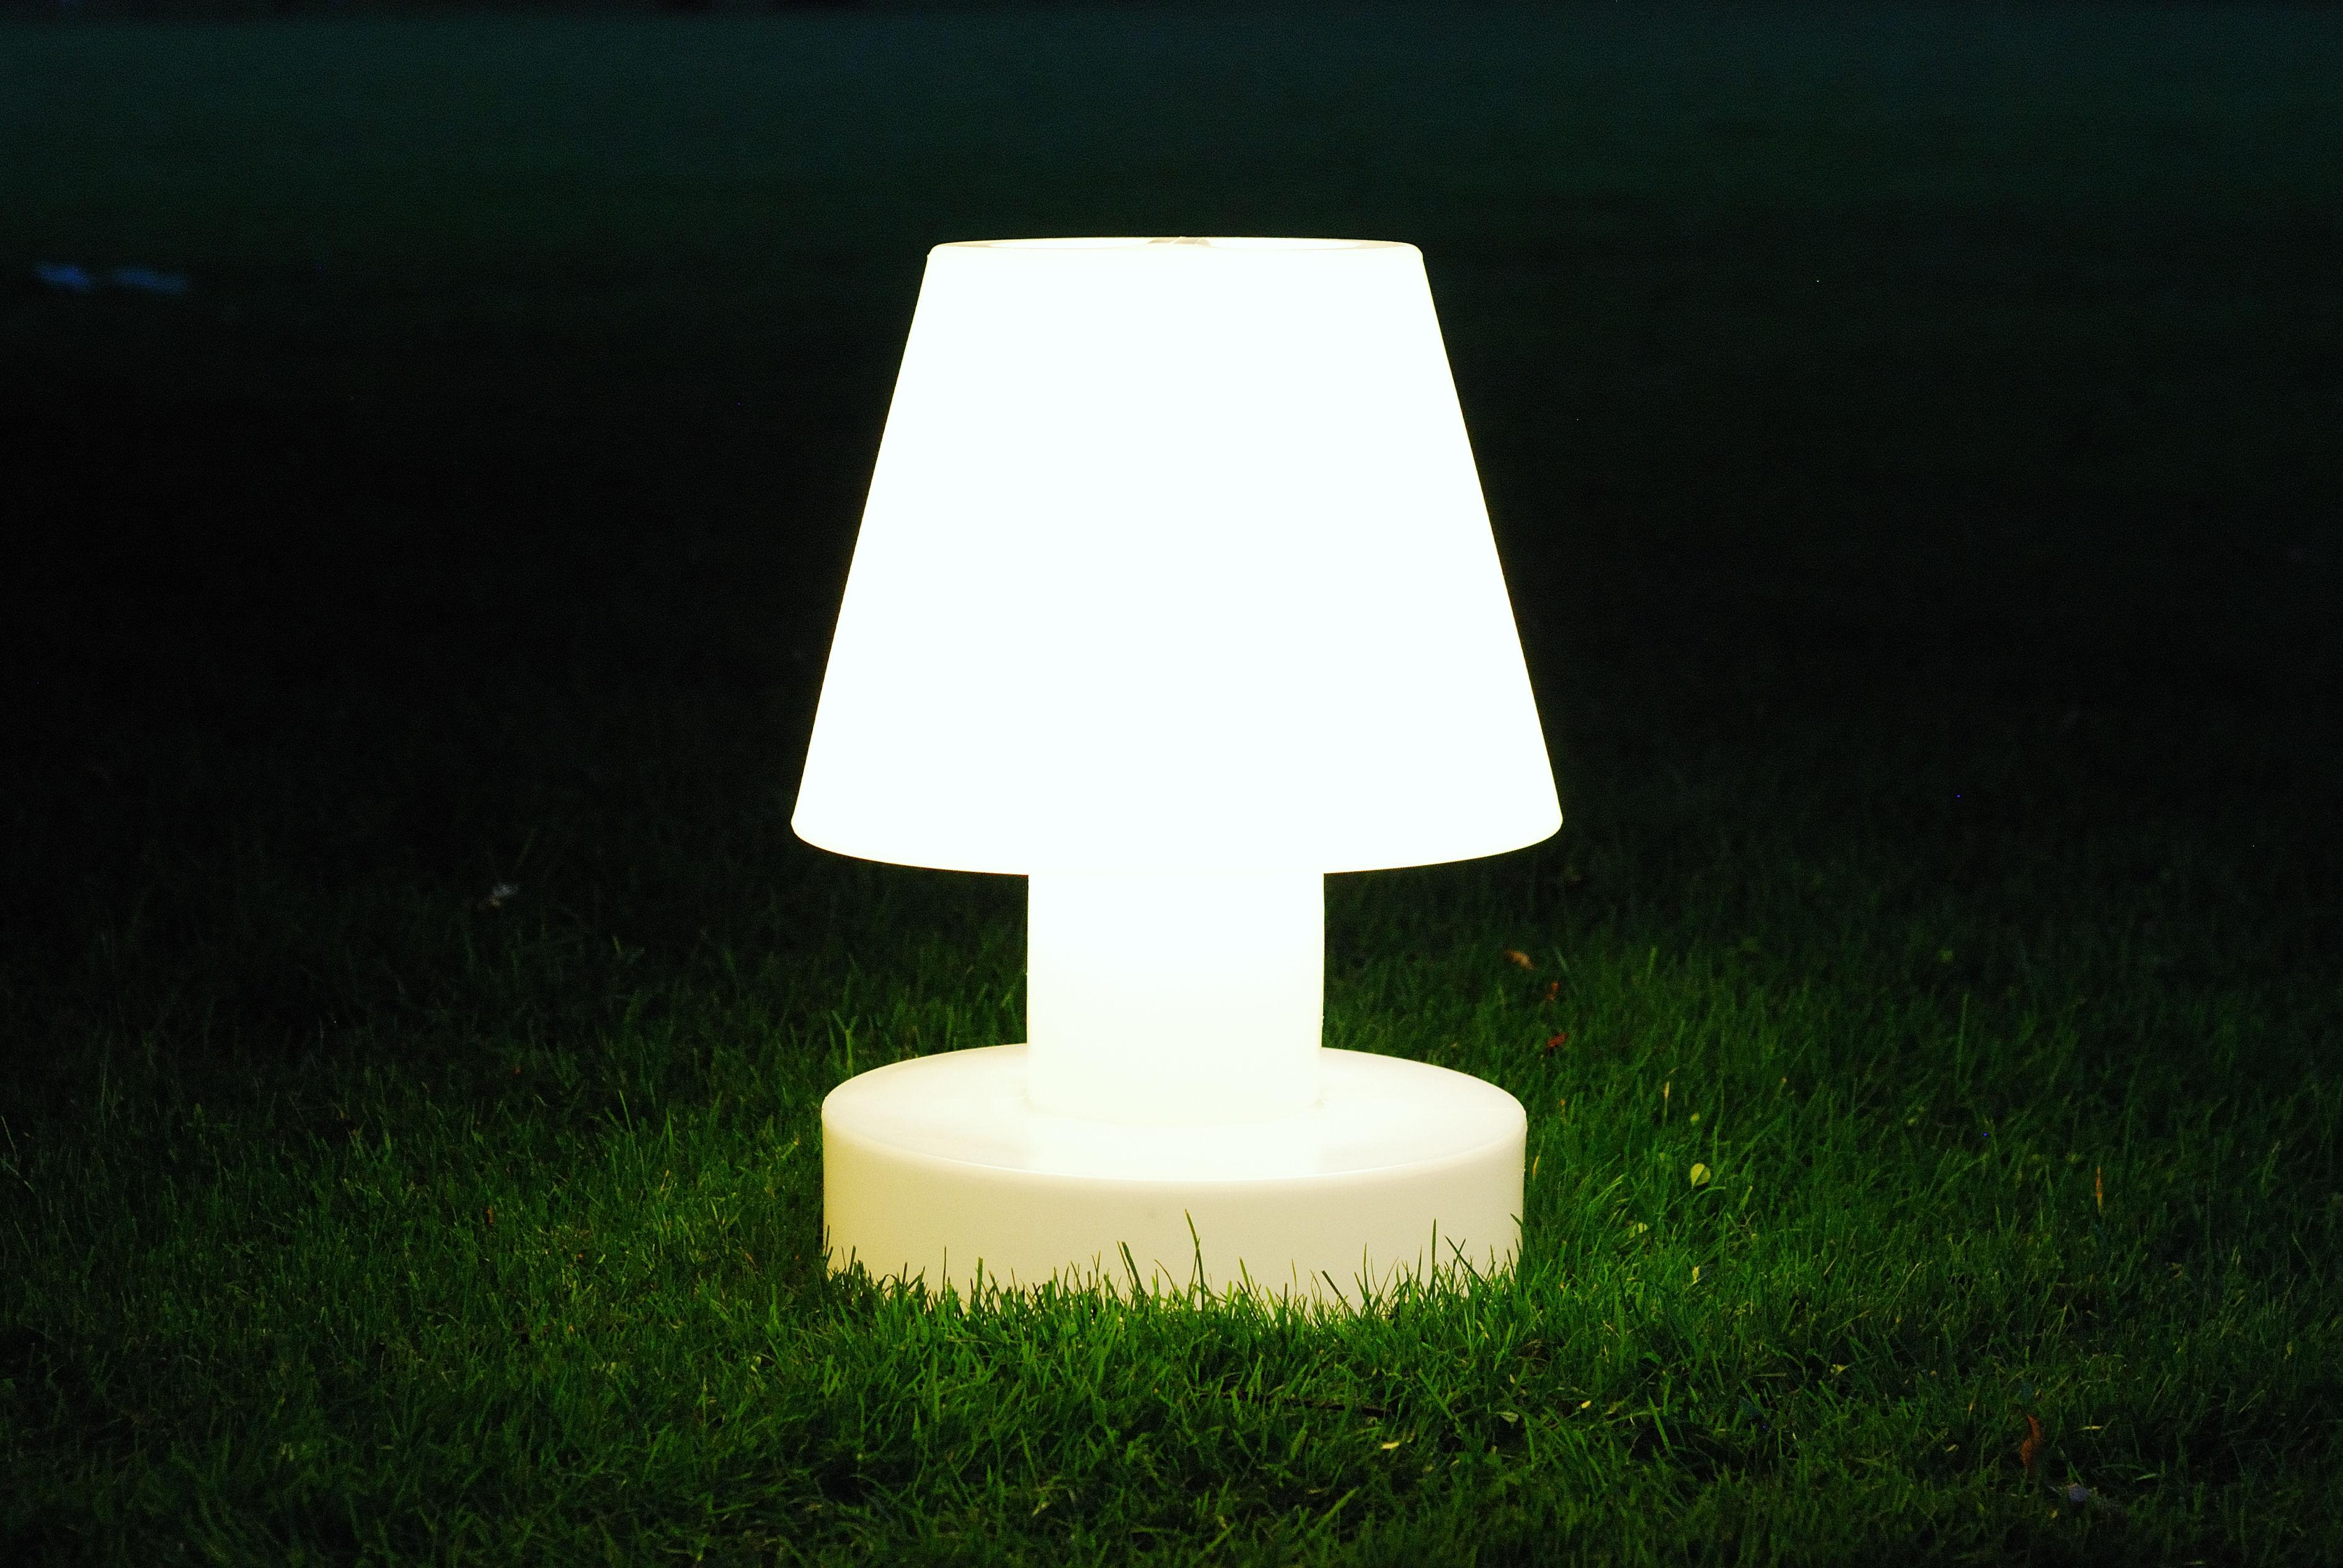 Scopri Lampada da tavolo -Portatile senza filo ricaricabile - h 56 cm, Viola - H 56 cm di Bloom ...